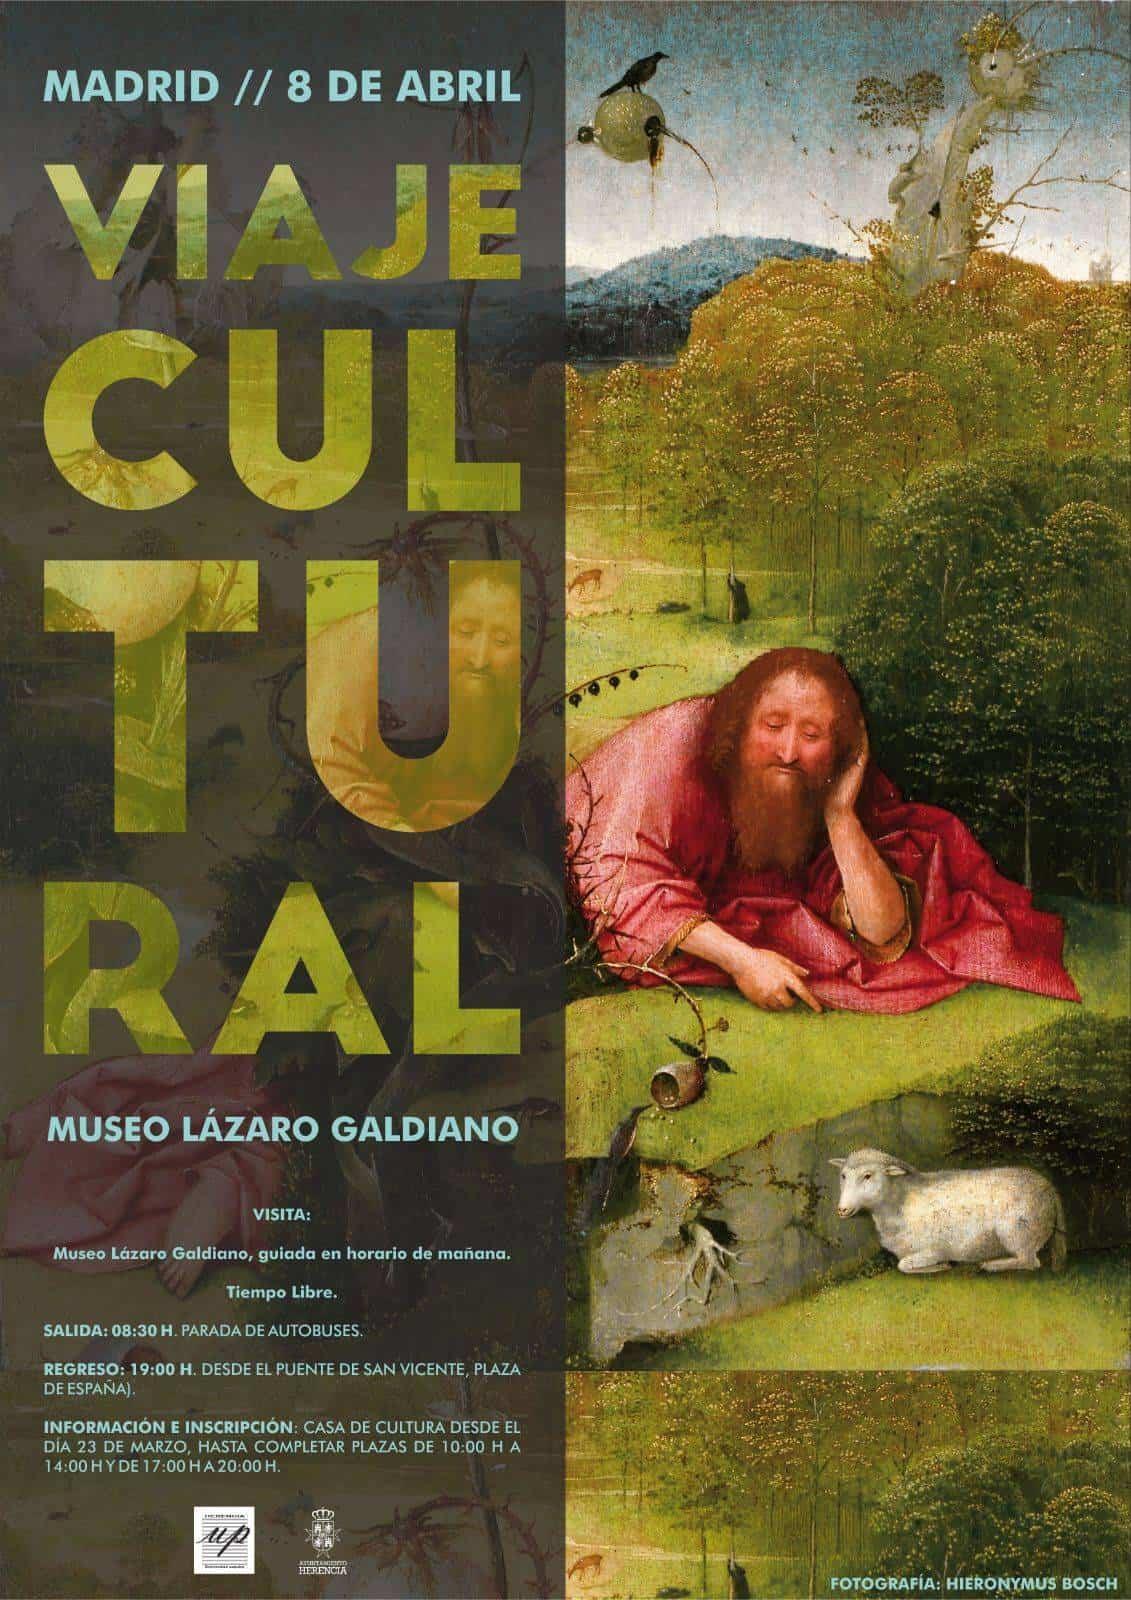 Viaje cultural al museo Lázaro Galdiano de Madrid 1